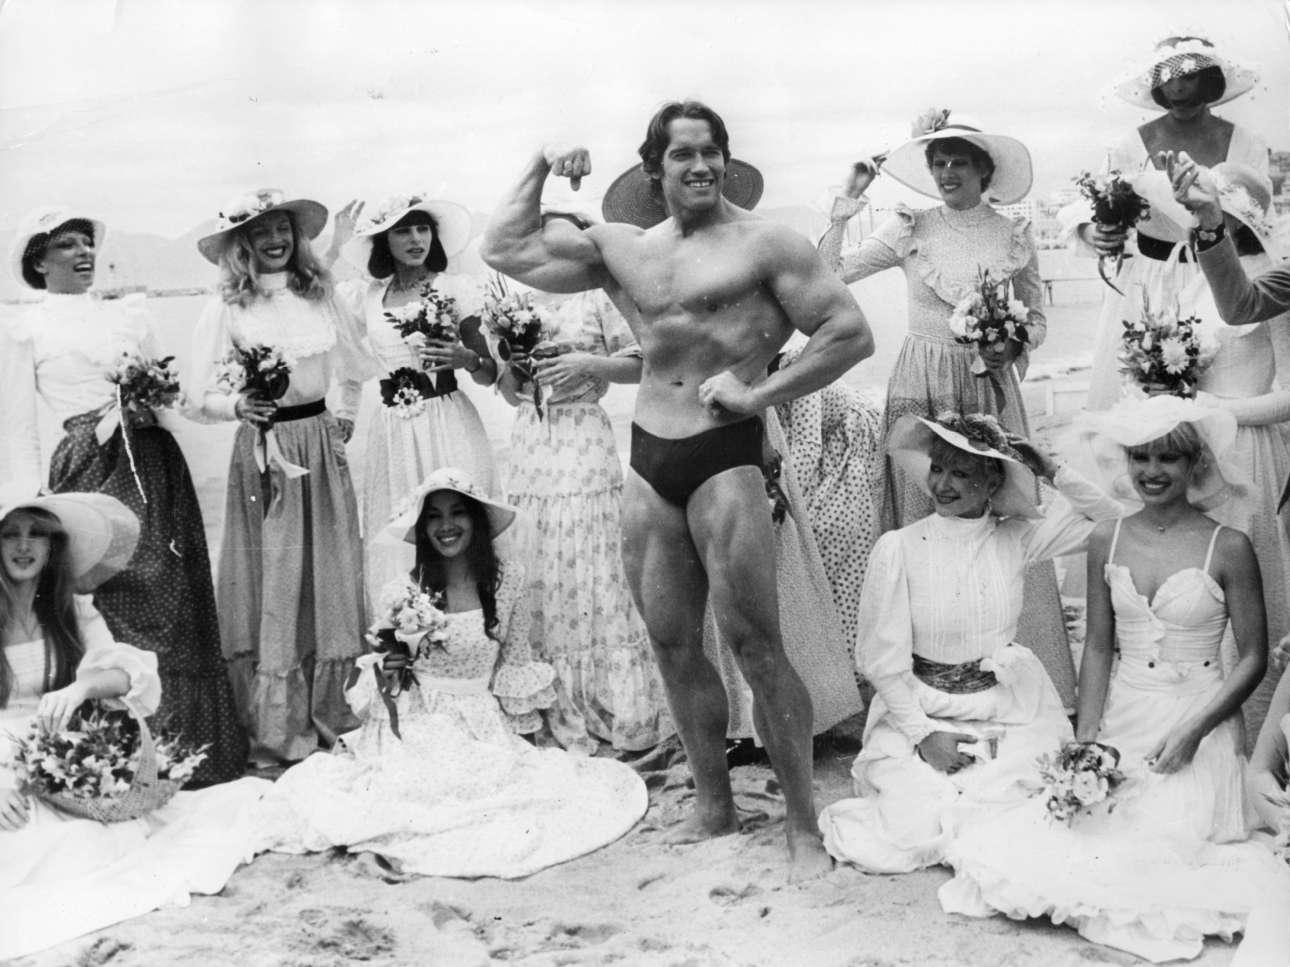 Μάιος 1977. Τα κορίτσια του κάδρου είναι από τα περίφημα Φολί Μπερζέ. Στο κέντρο ένας άνδρας που προσπαθεί να γίνει γνωστός με το μυικό του σύστημα. Το όνομά του Αρνολντ Σβαρτσενέγκερ. Για την ώρα περιορίζεται μόνο στην παραλία των Καννών. Η επιτυχία όμως δεν θα αργήσει να έρθει...